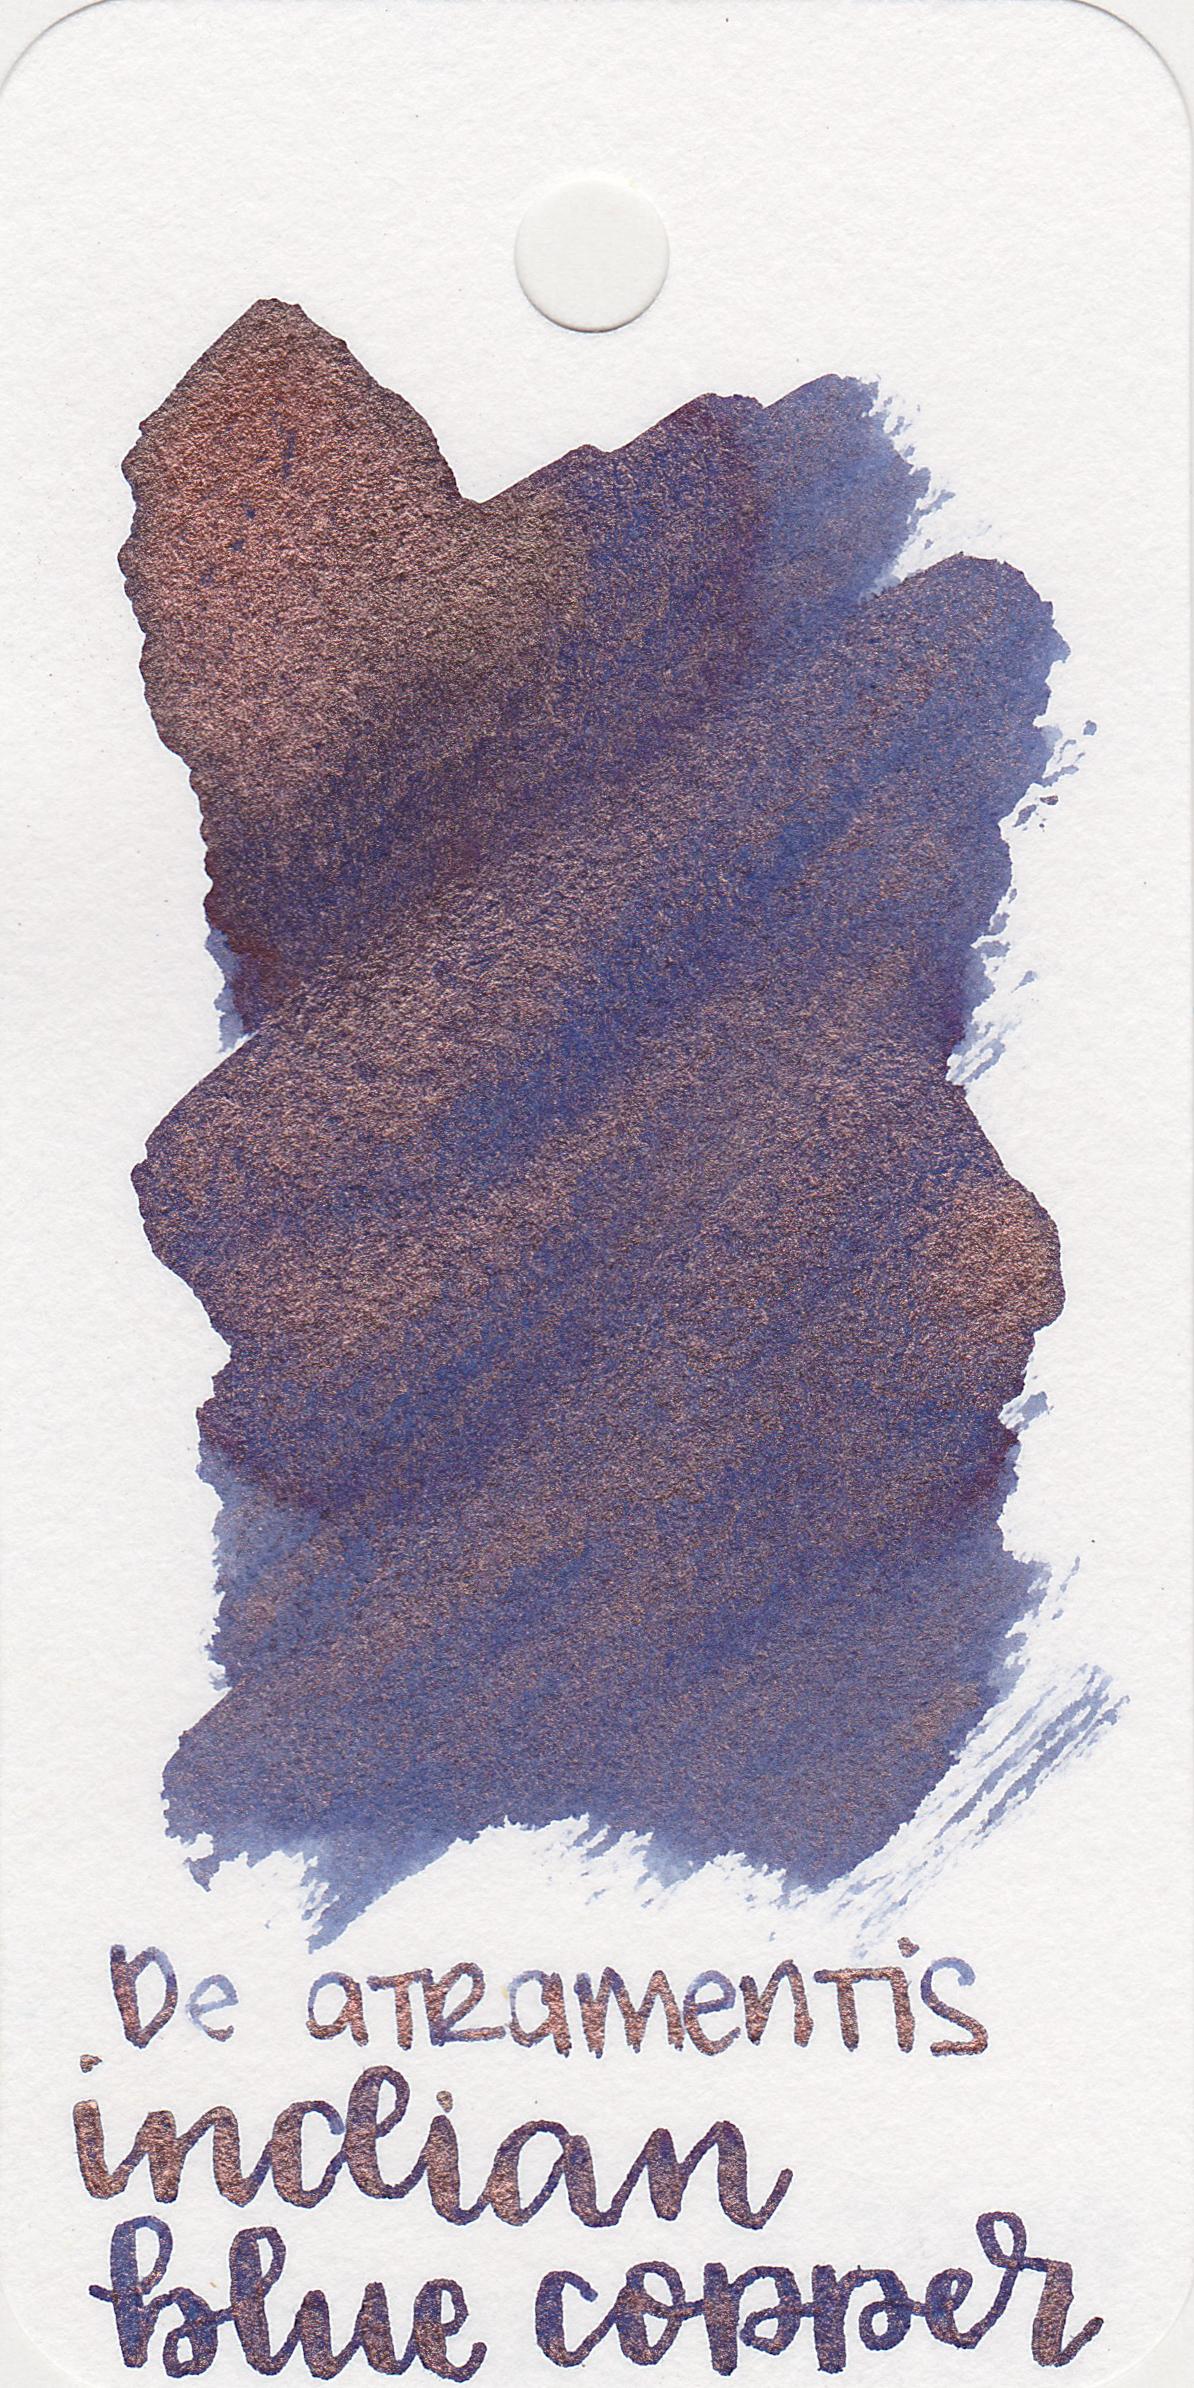 da-indian-blue-copper-1.jpg